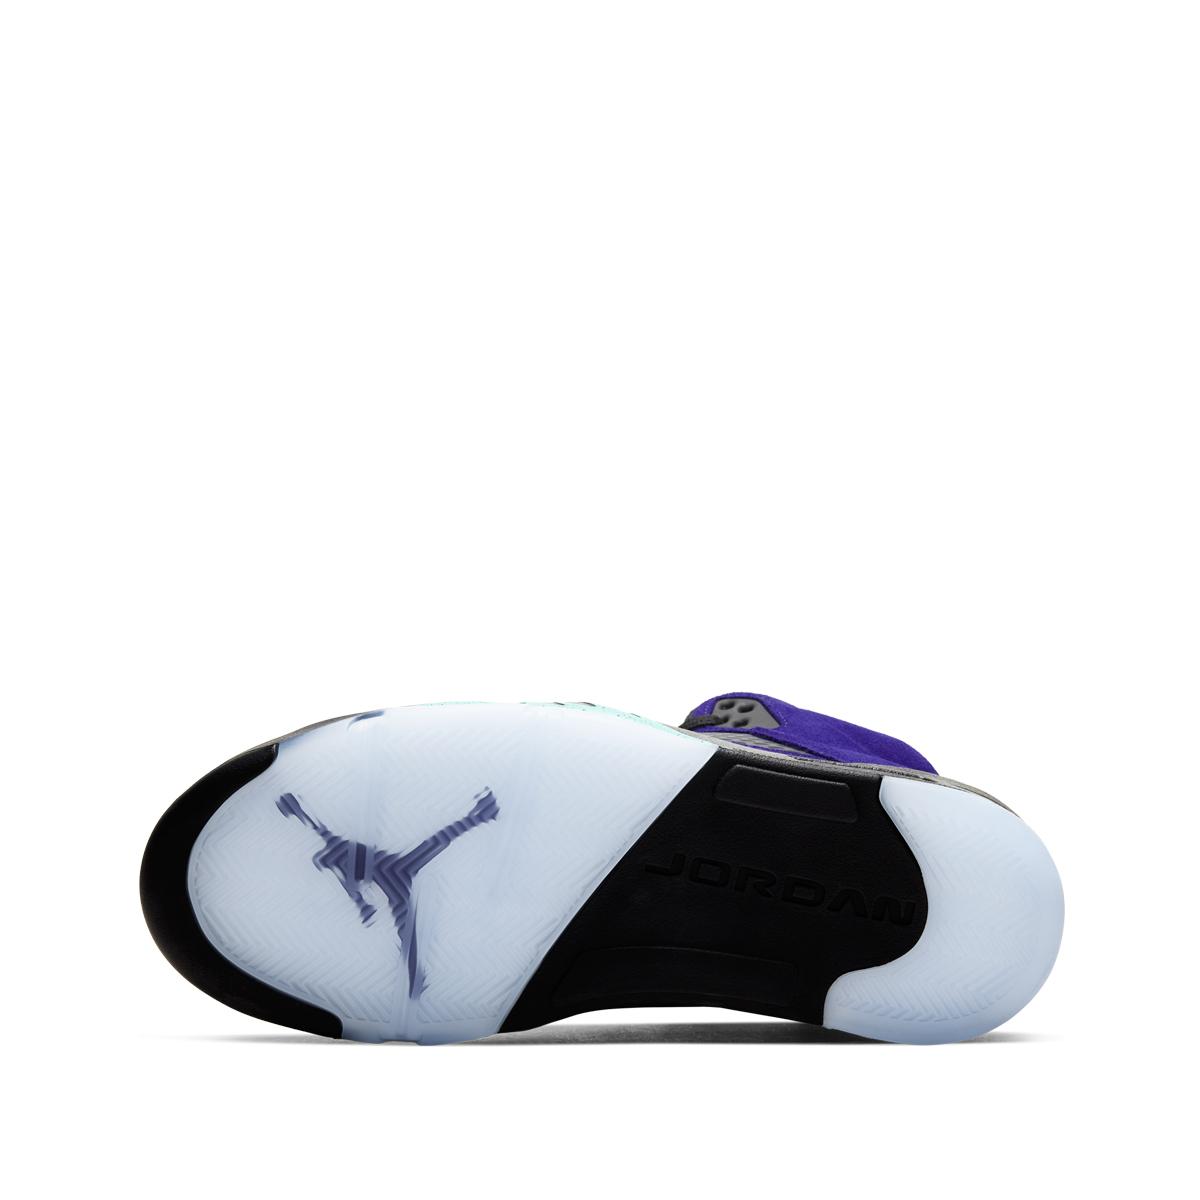 Nike Air Jordan 5 'Retro'